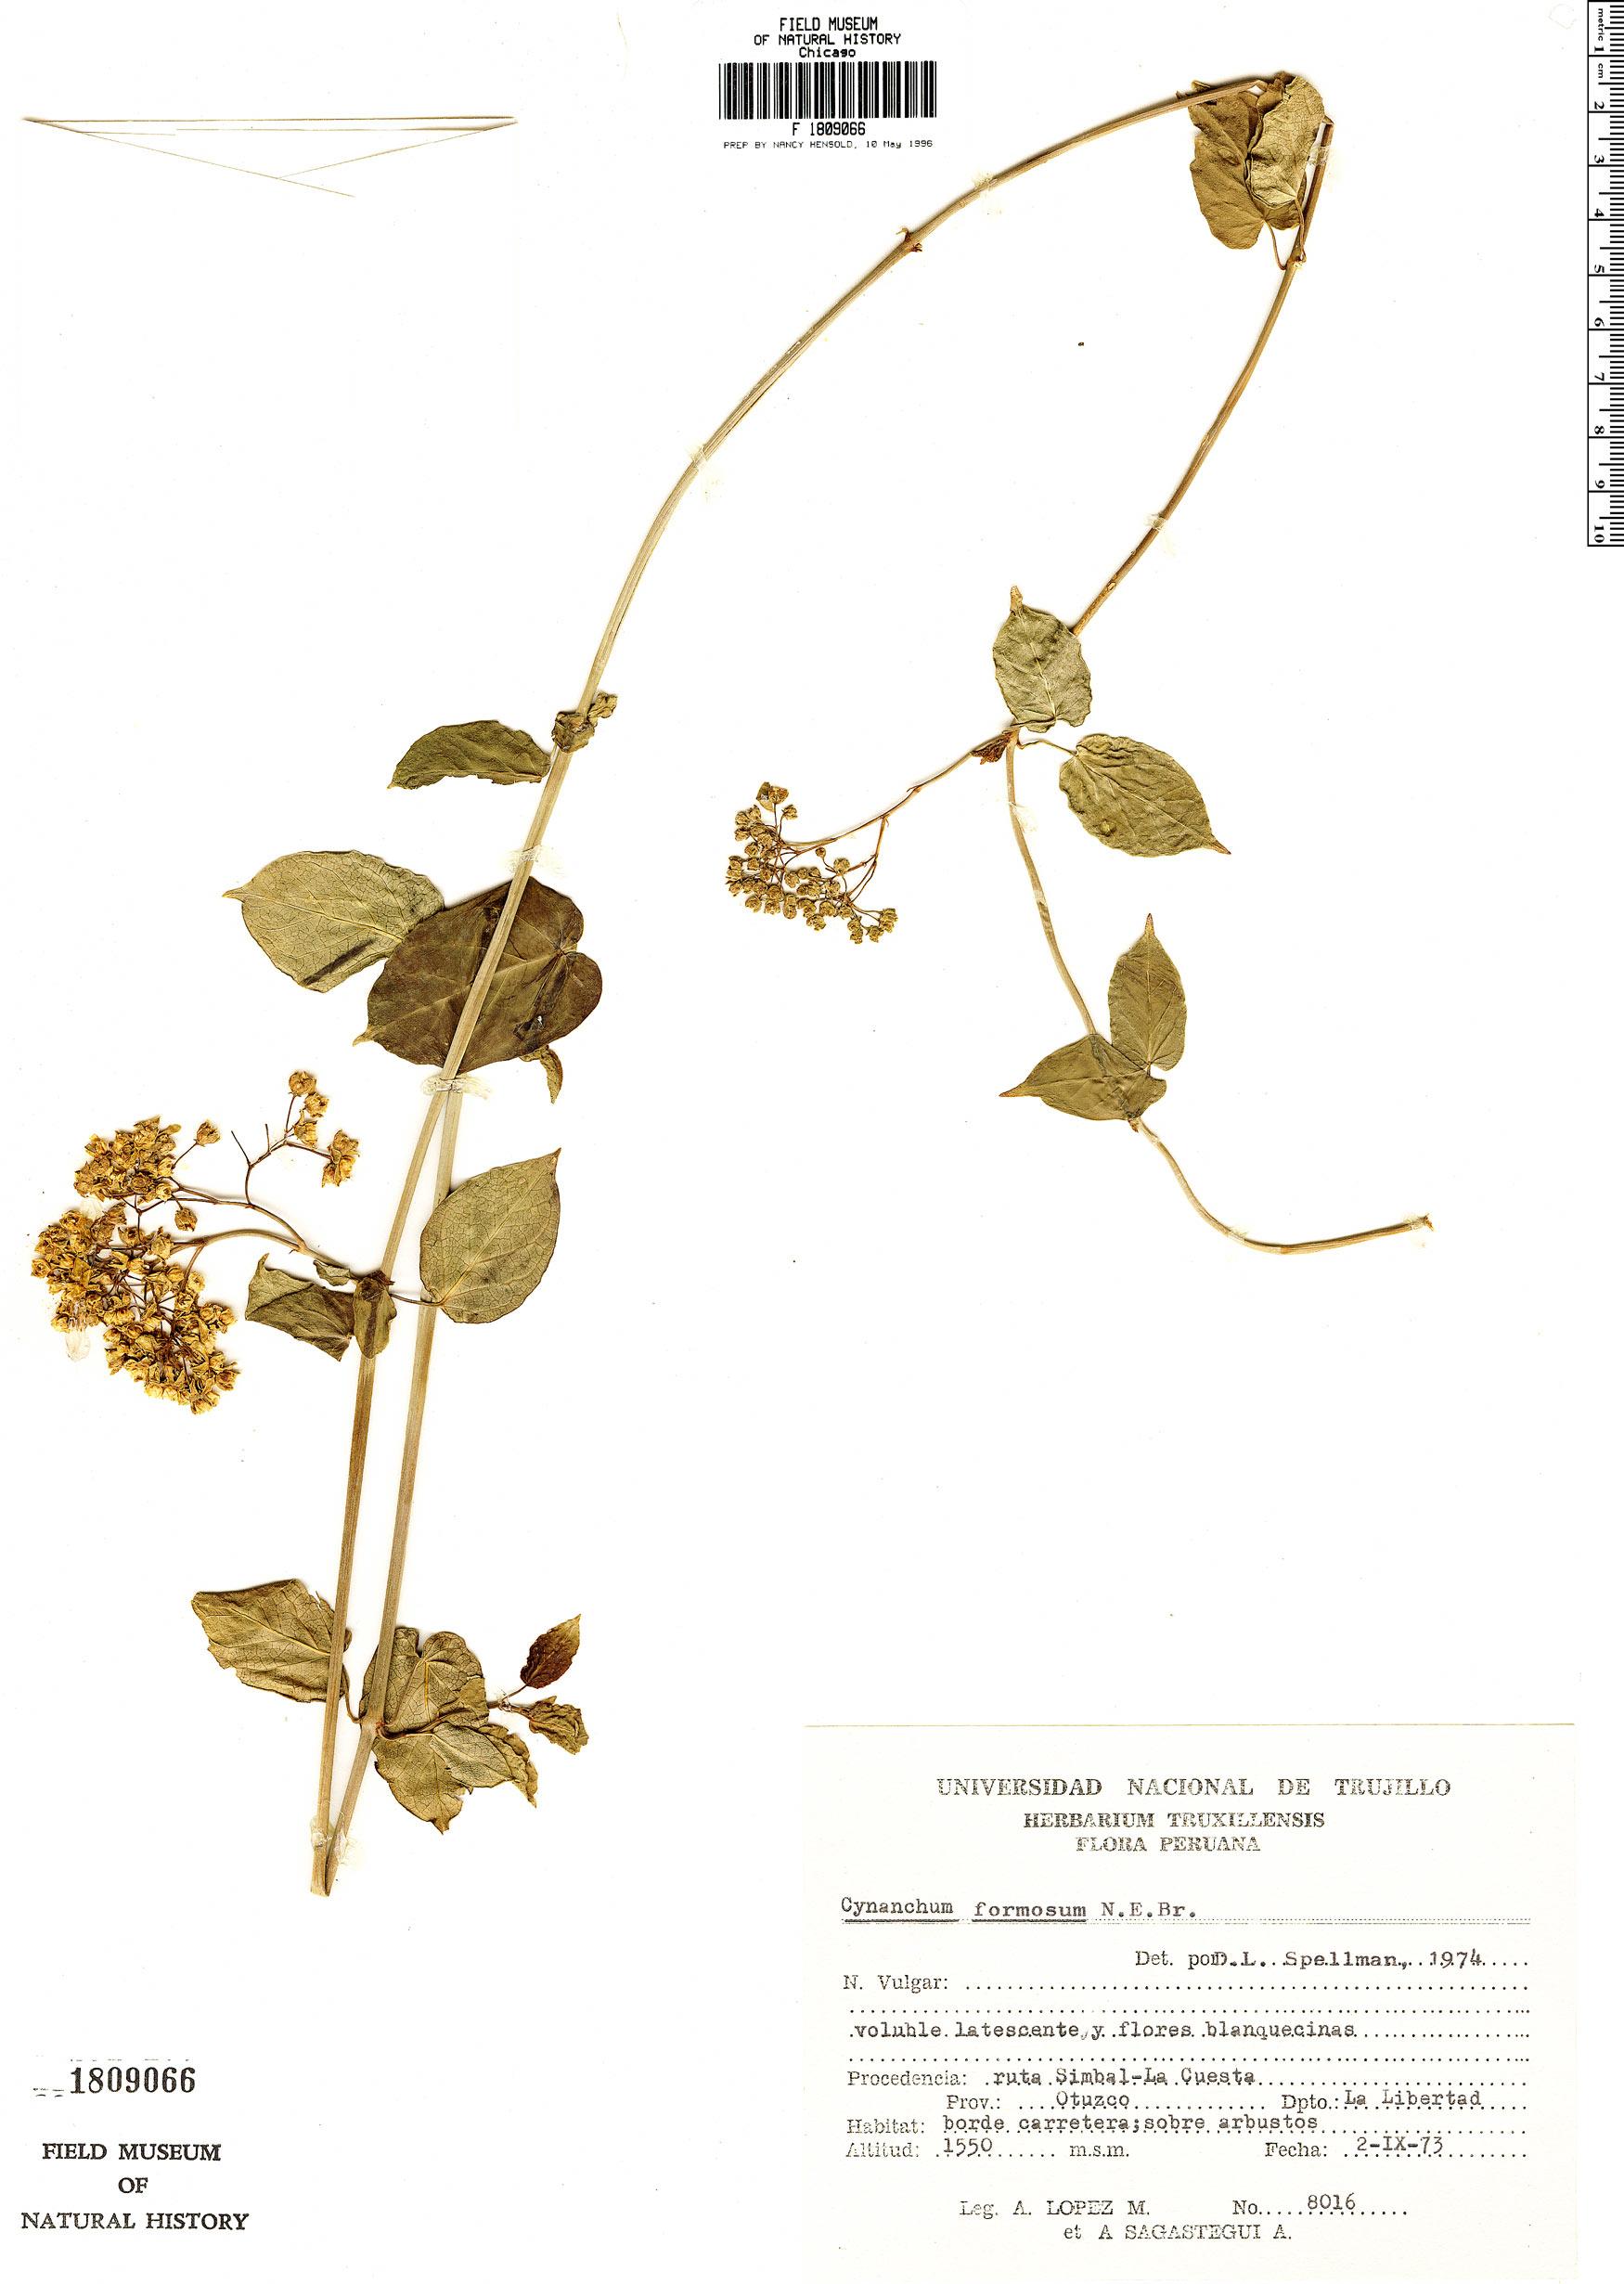 Specimen: Cynanchum formosum